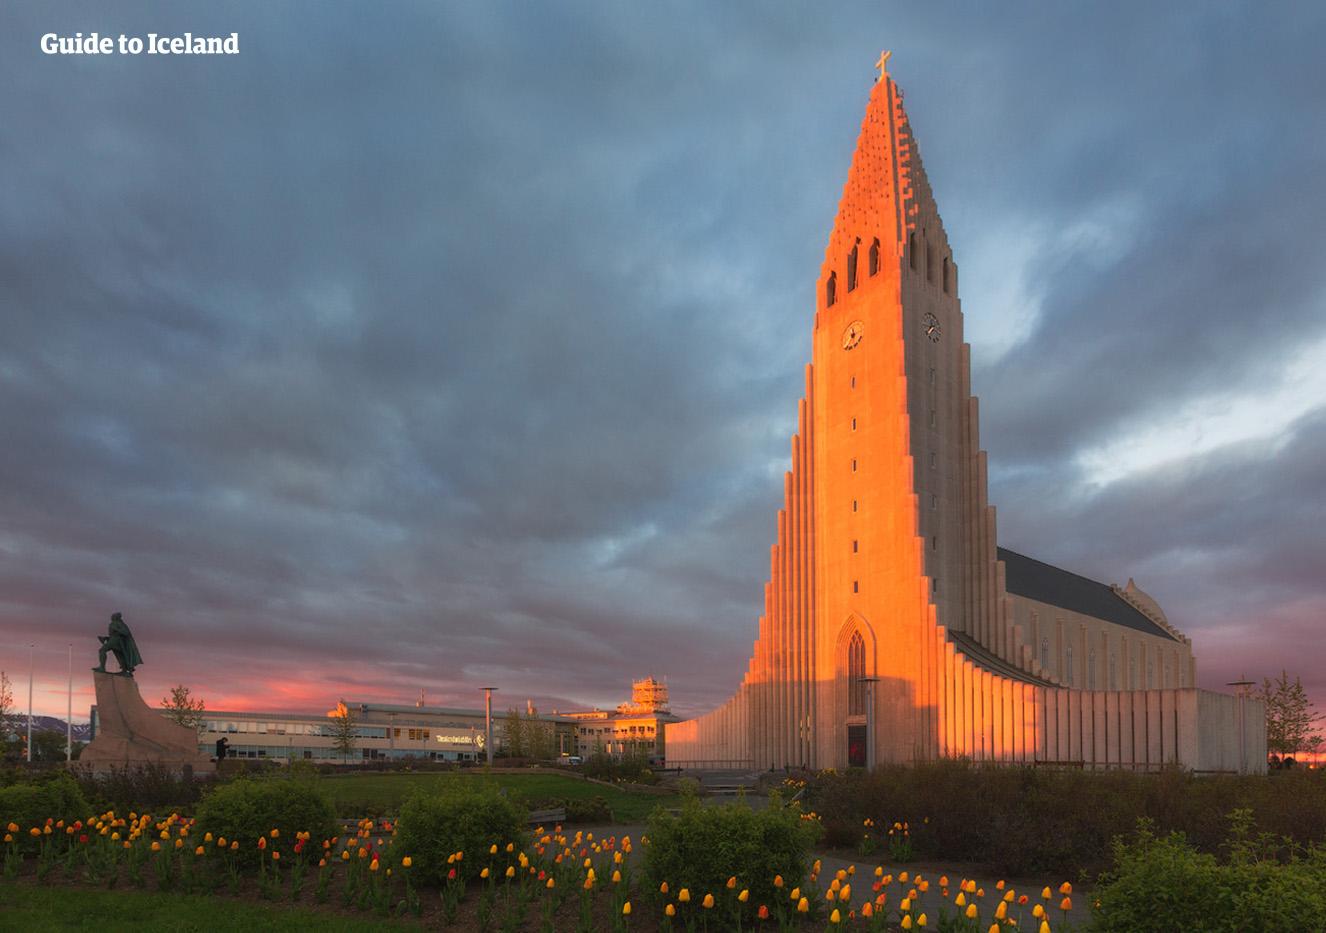 ไอซ์แลนด์ในเดือนเมษายน | ทุกสิ่งที่คุณต้องรู้